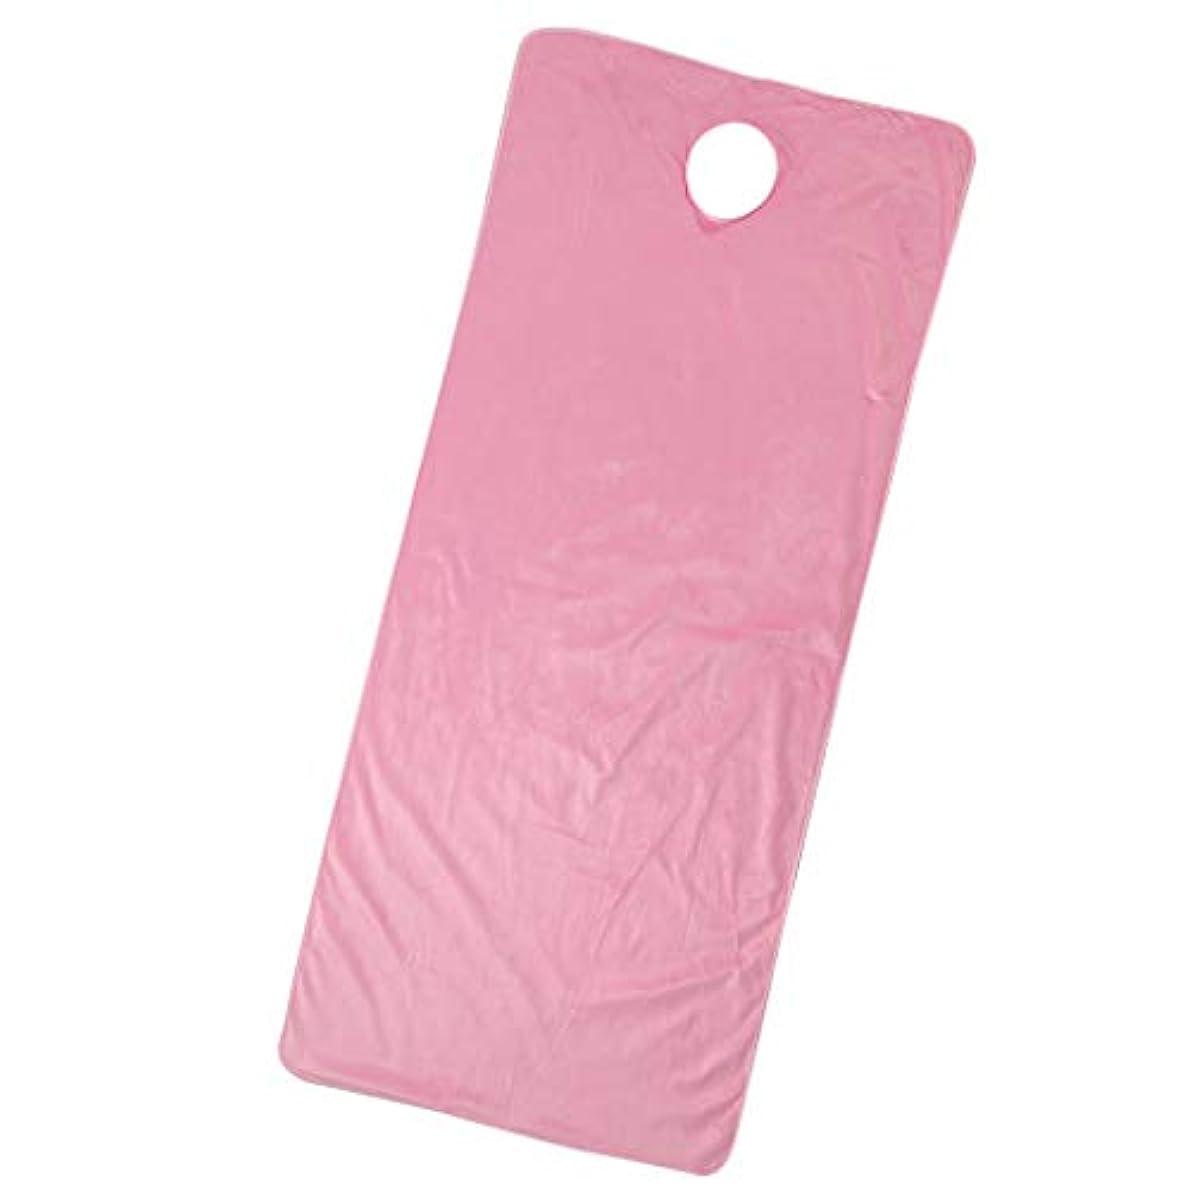 ボンド何よりもアウタースパ マッサージベッドカバー 有孔 うつぶせ 美容ベッドカバー 快適 通気性